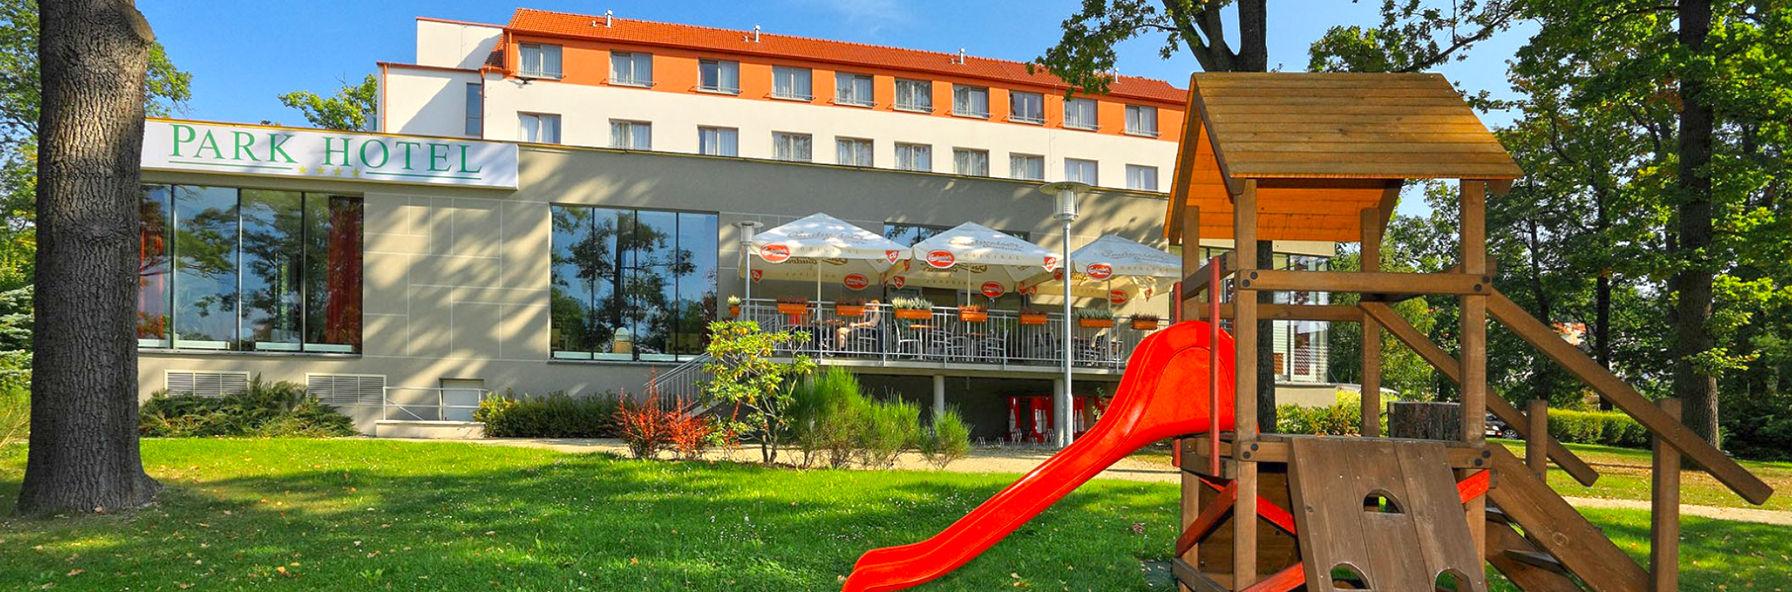 Entspannen Sie in Hluboká nad Vltavou mit Wellness und Ausflügen in die Umgebung